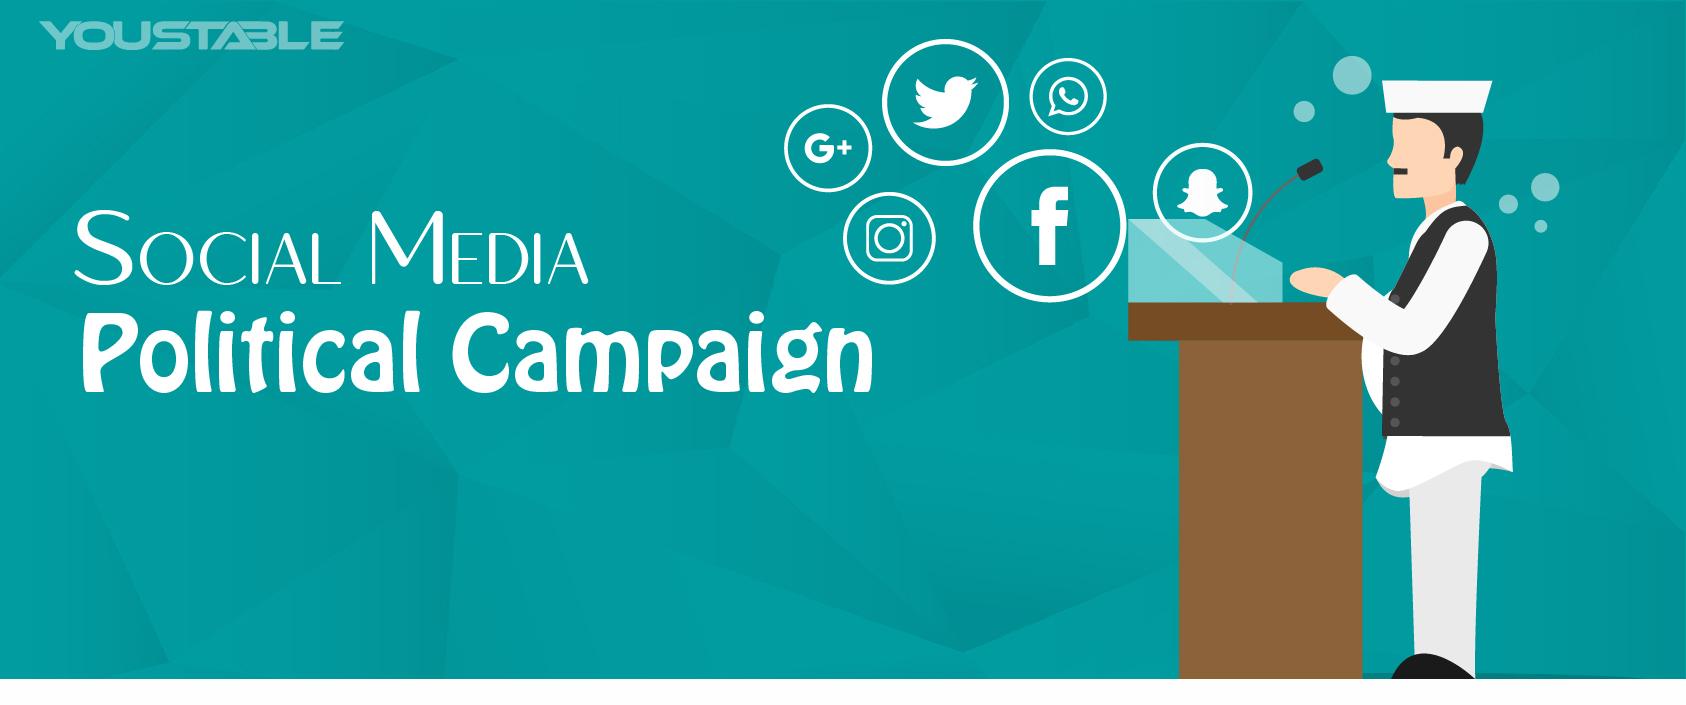 Social Media Political Campaign